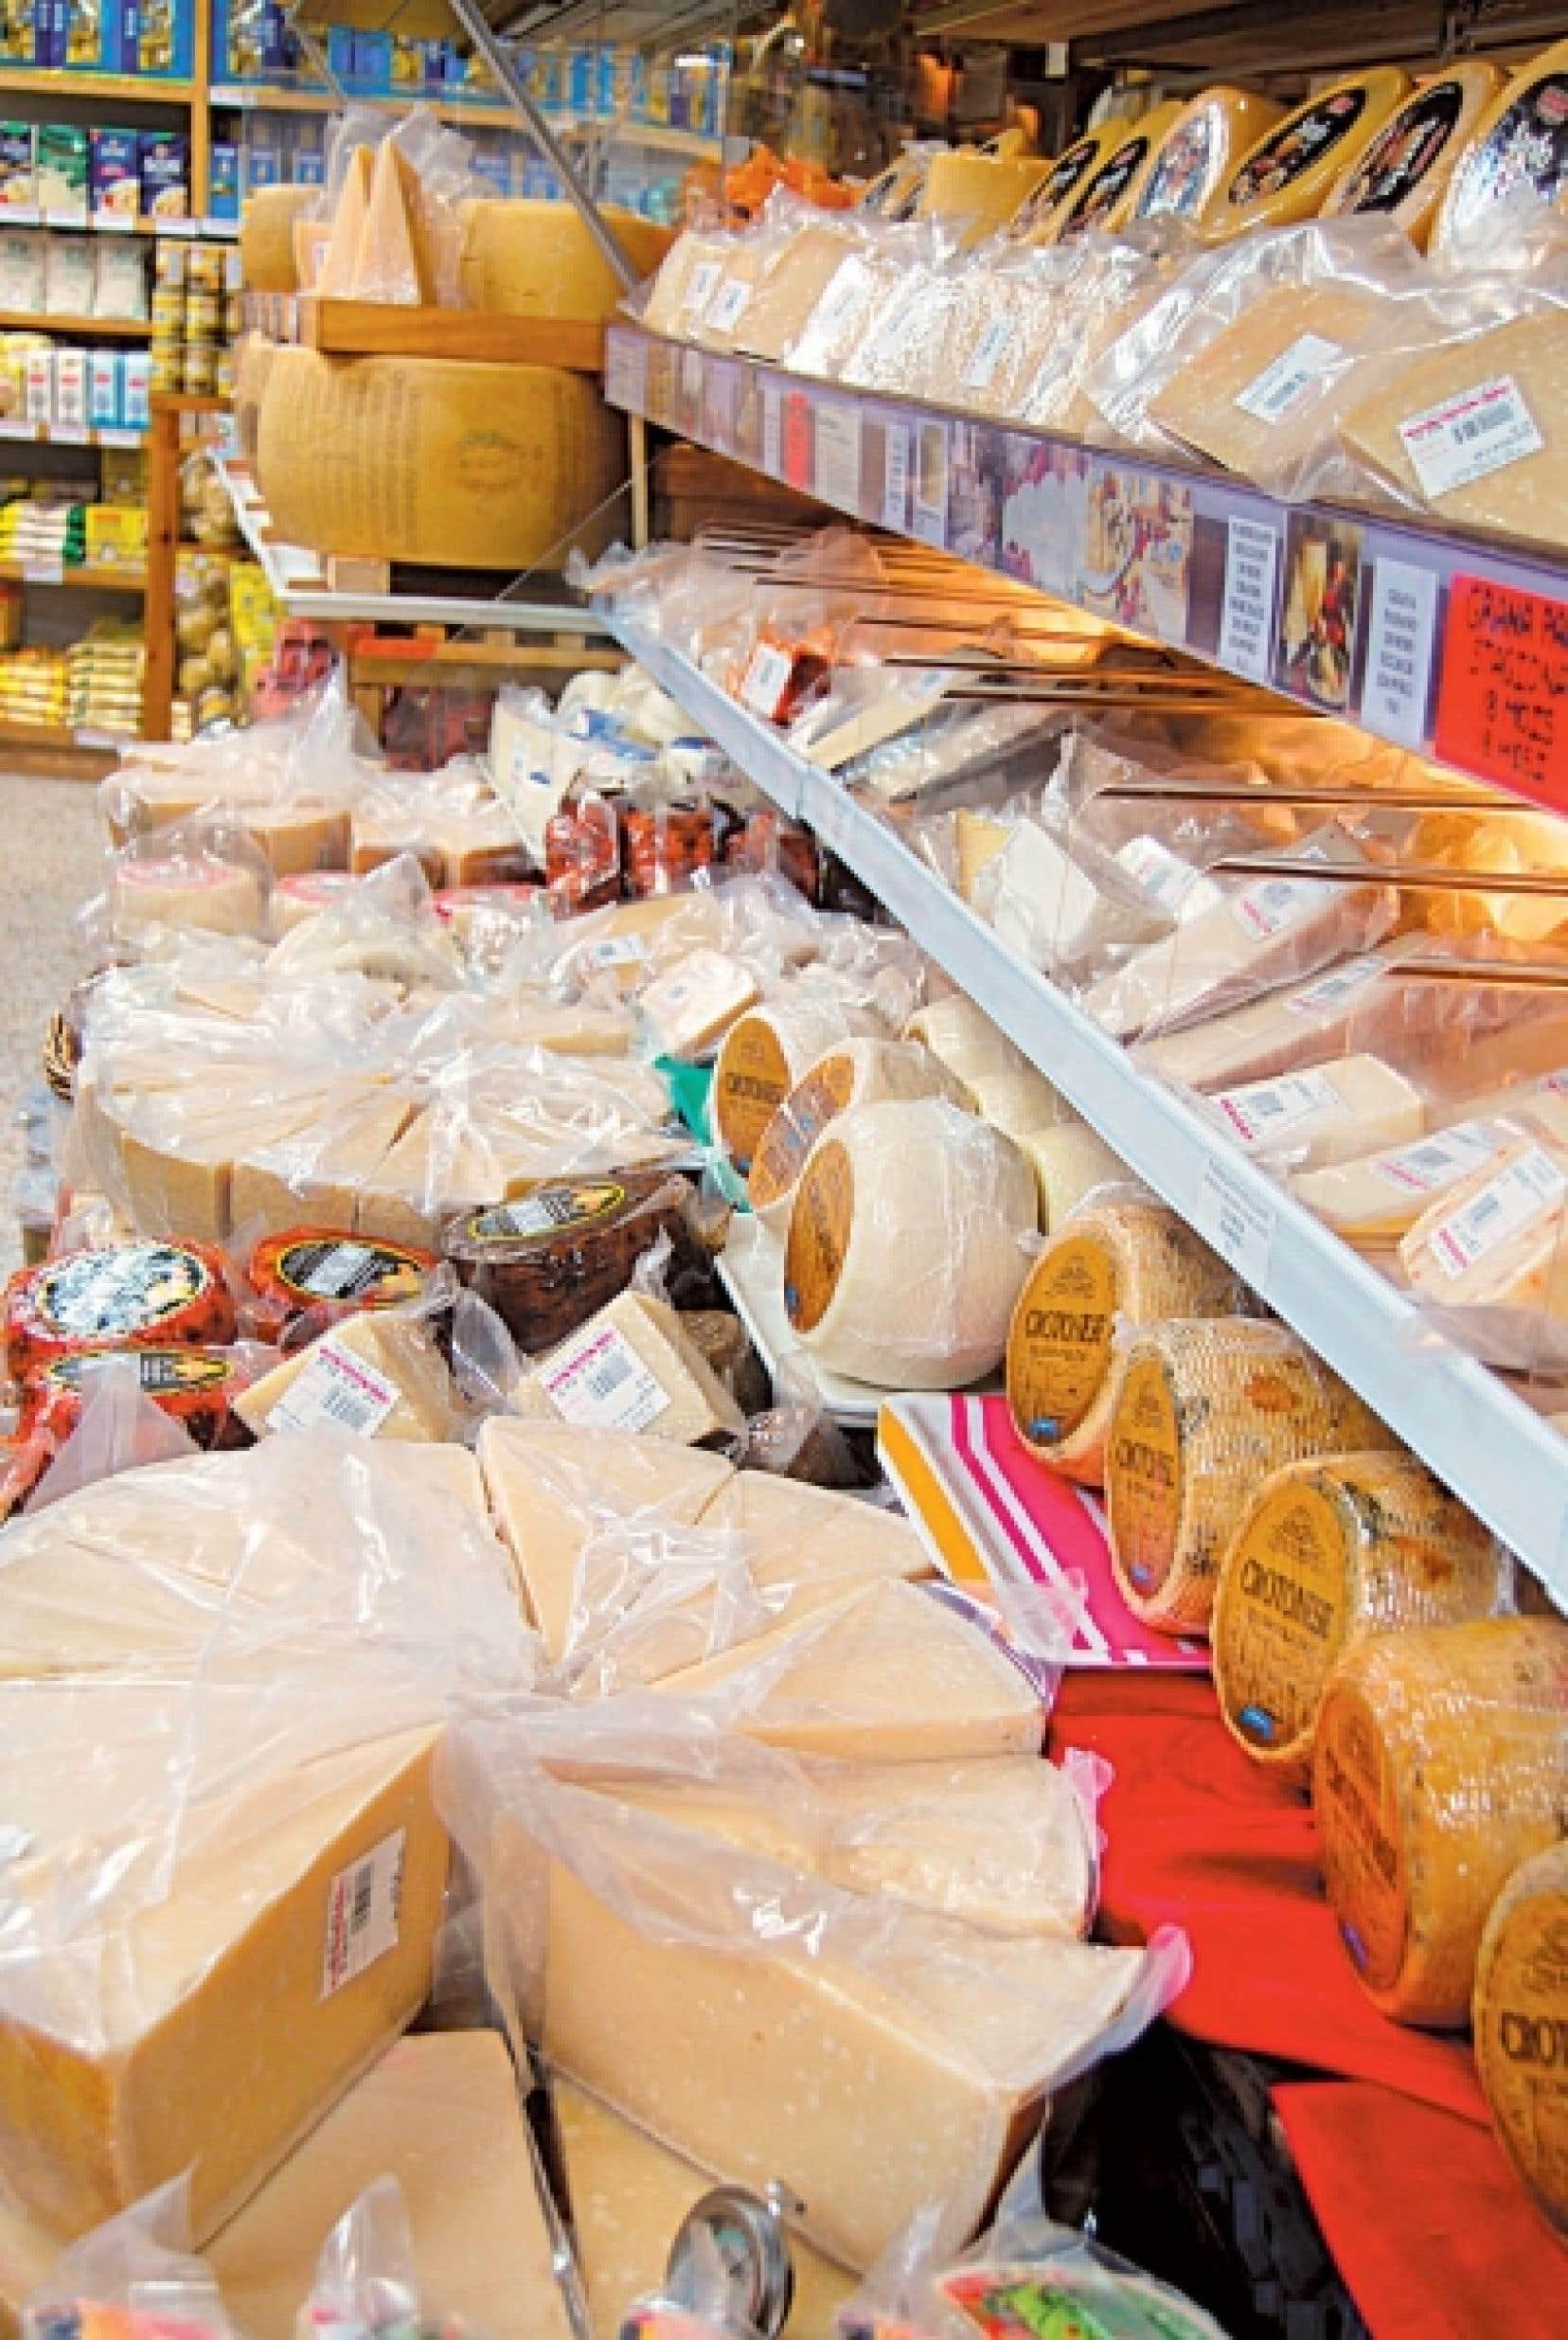 À La Baie des fromages se trouvent les meilleurs panettones et nougats ainsi que le plus grand choix de fromages d'Italie. <br />